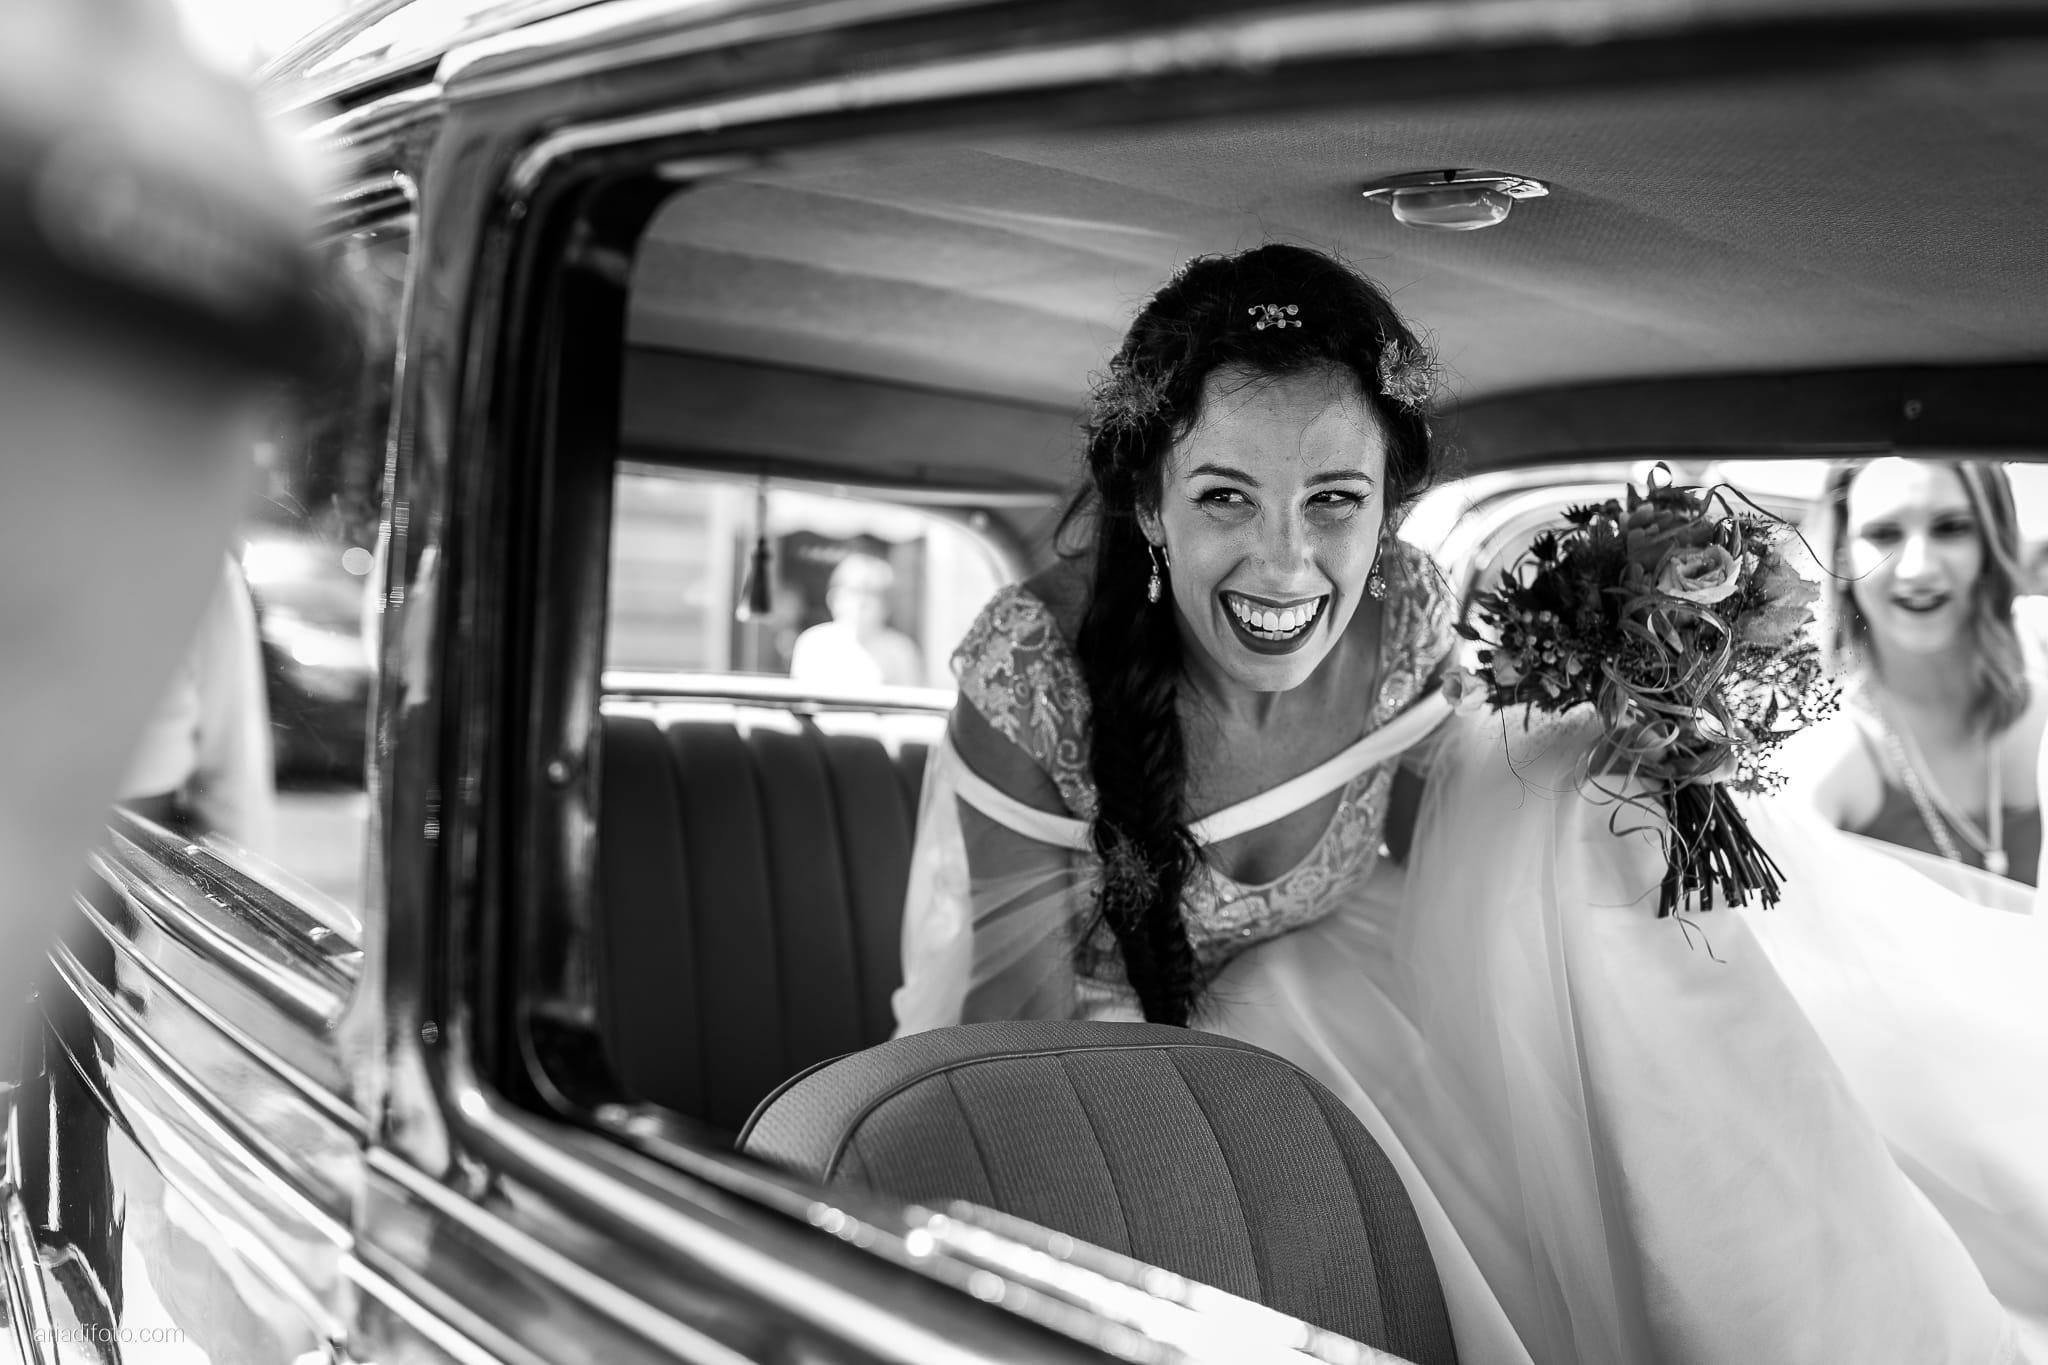 Giorgia Davide Matrimonio Muggia Trieste Baronesse Tacco San Floriano Del Collio Gorizia preparazioni sposa momenti auto